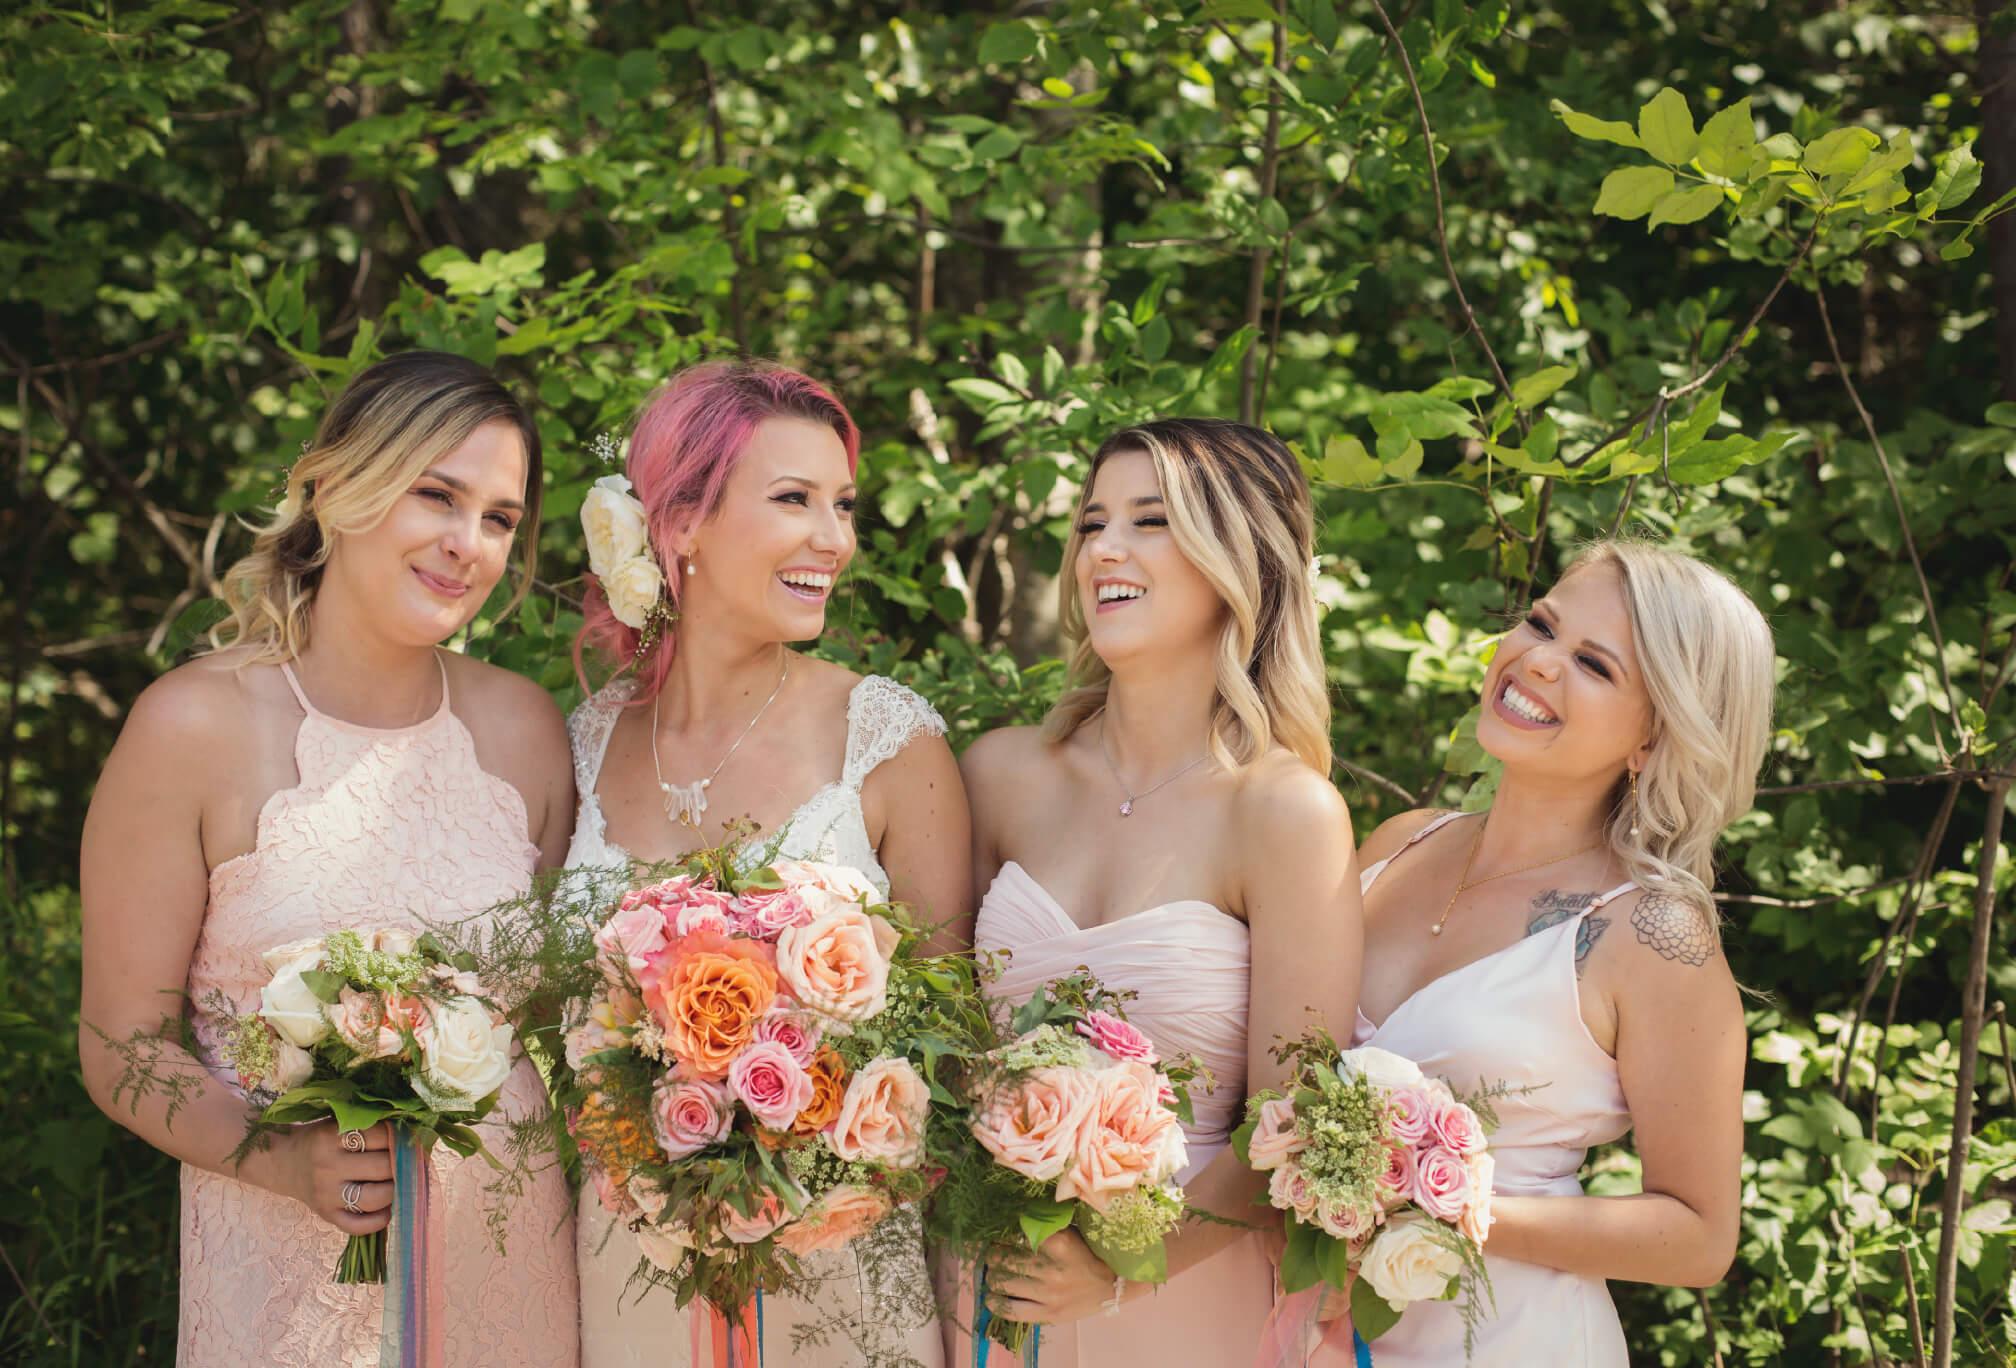 pink wedding day details